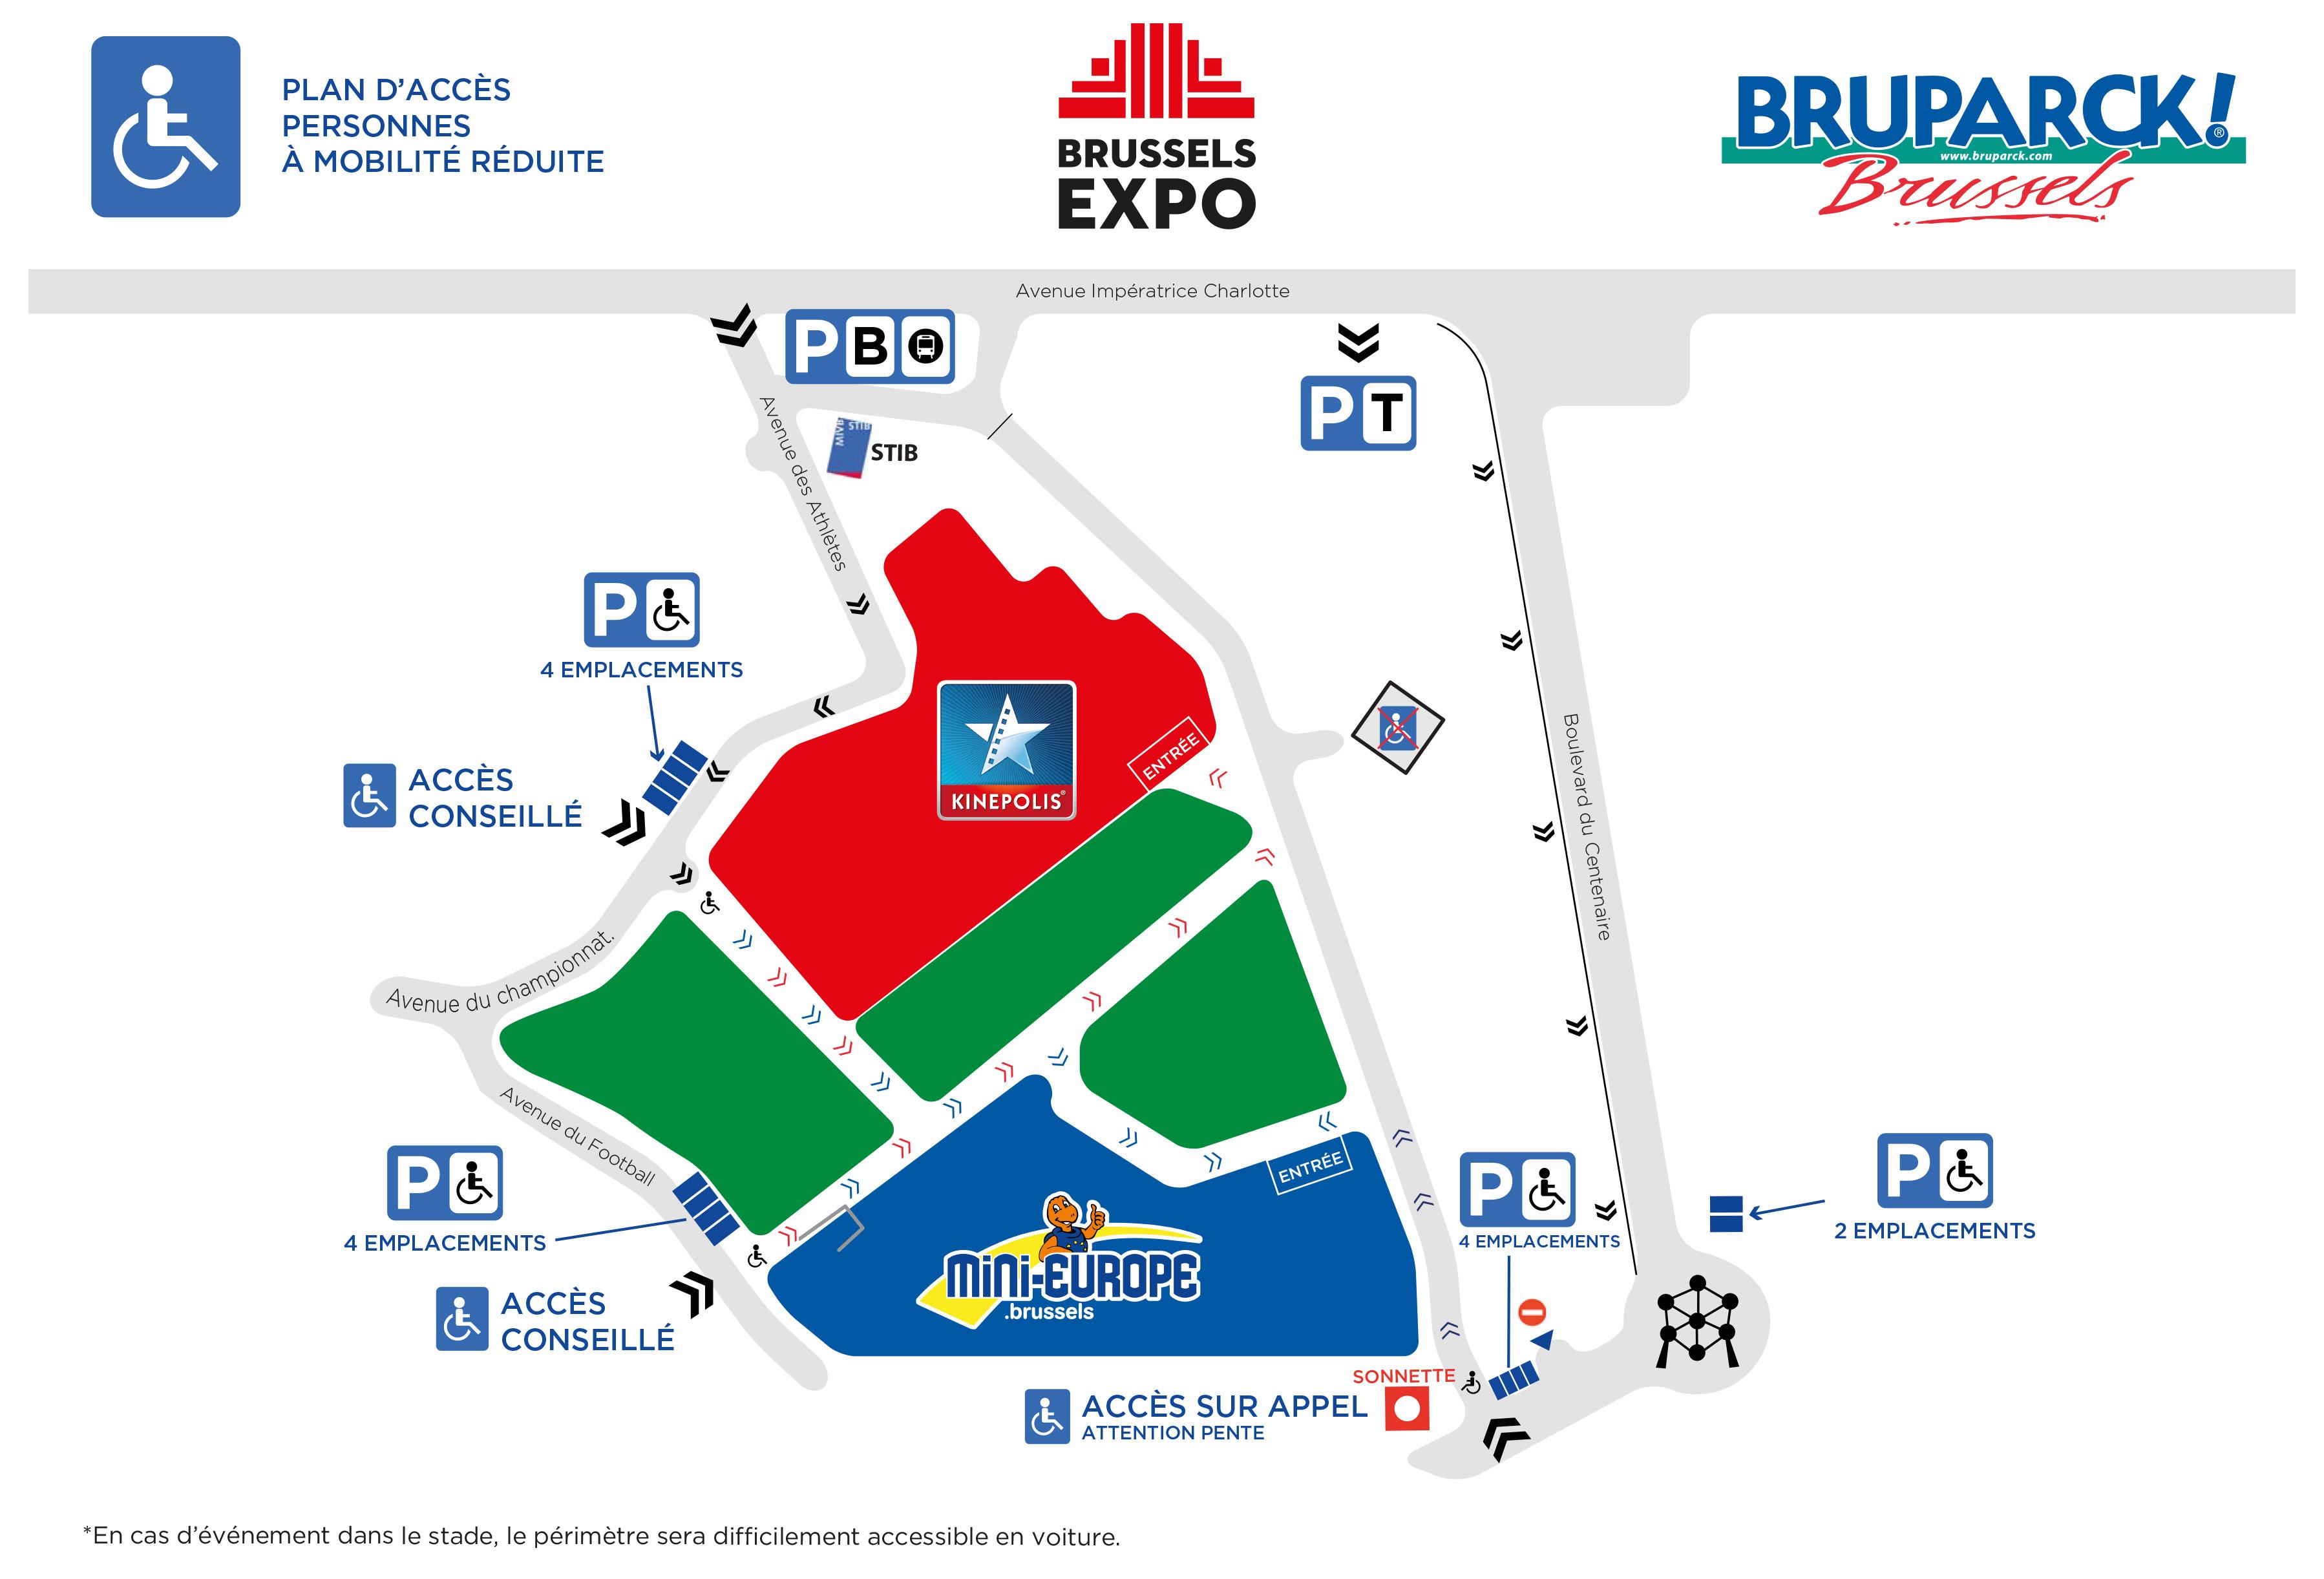 Bruparck Brussels Image Mag